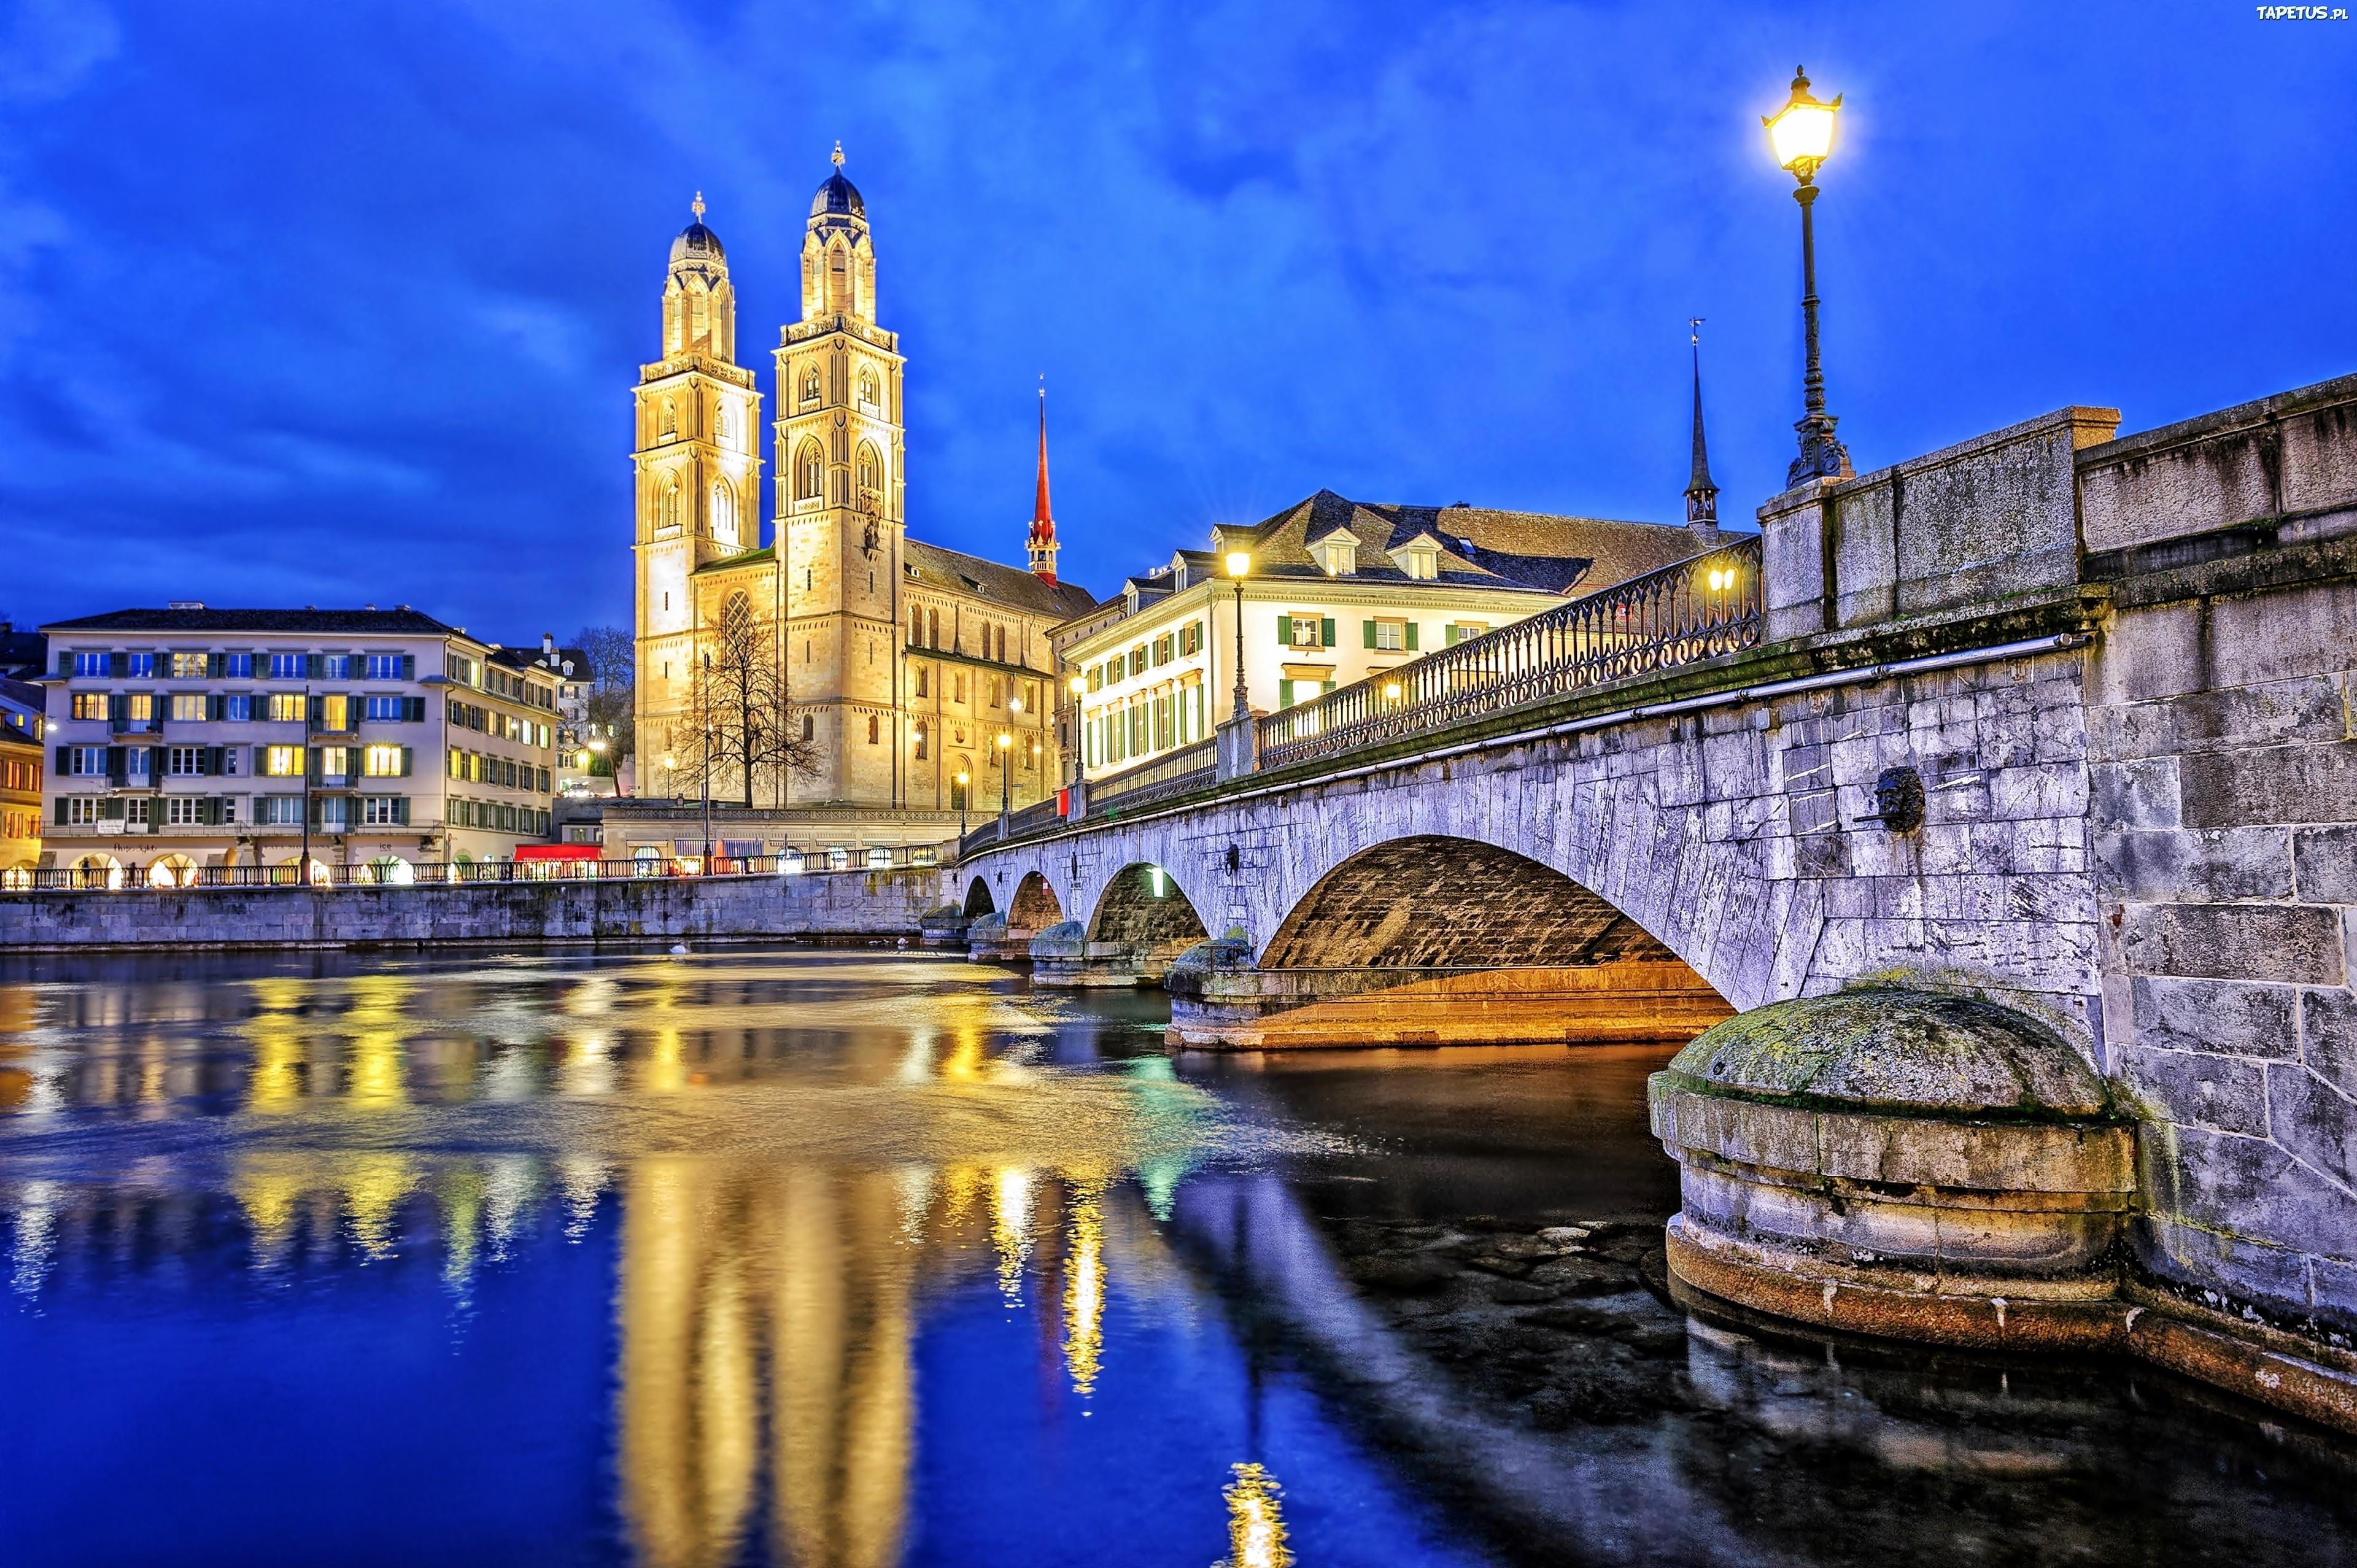 Rzeka Limmat, Most, Kościół Grossmunster, Zurych, Szwajcaria